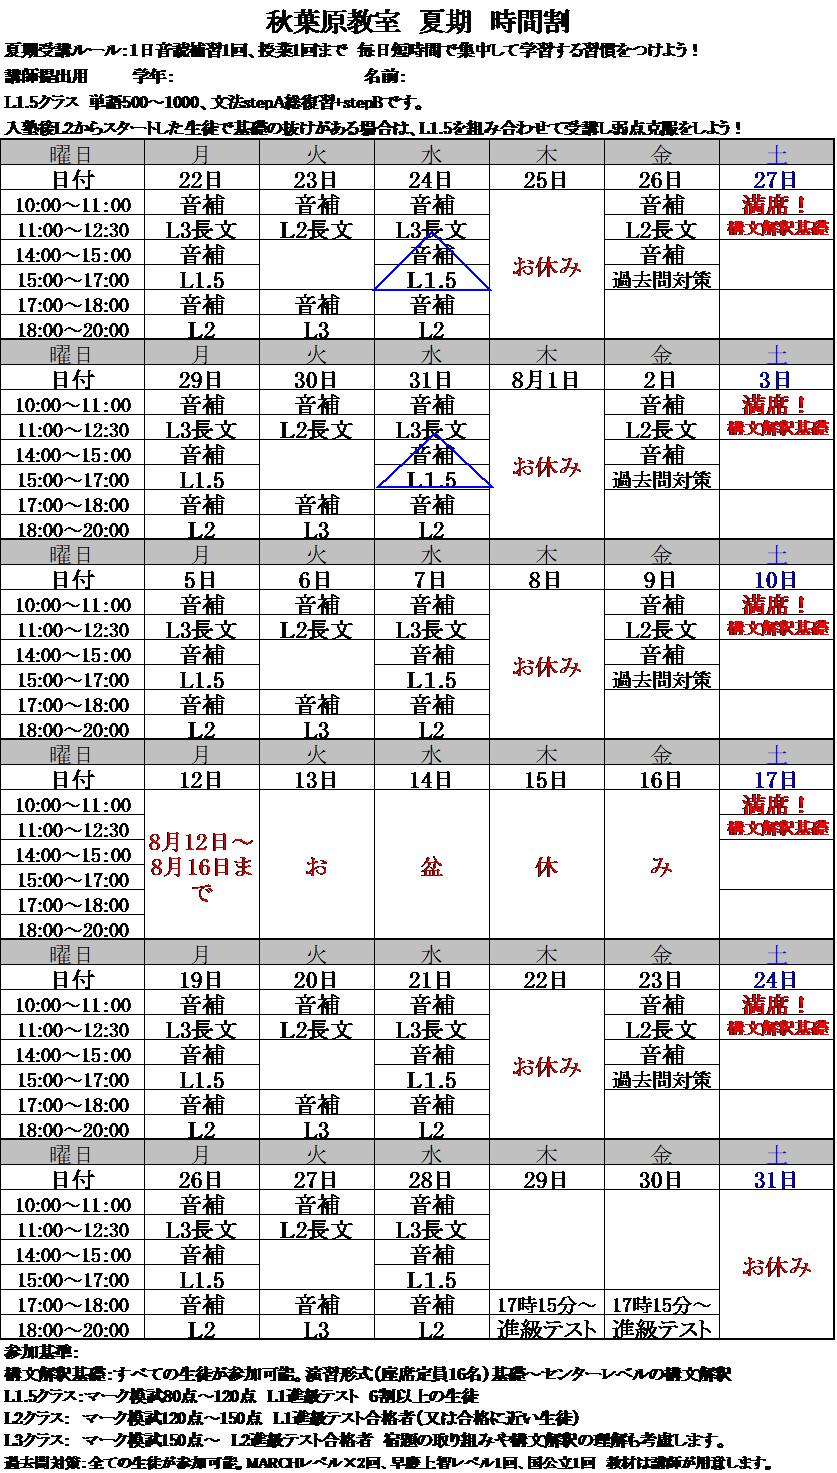 2019 kaki schedule